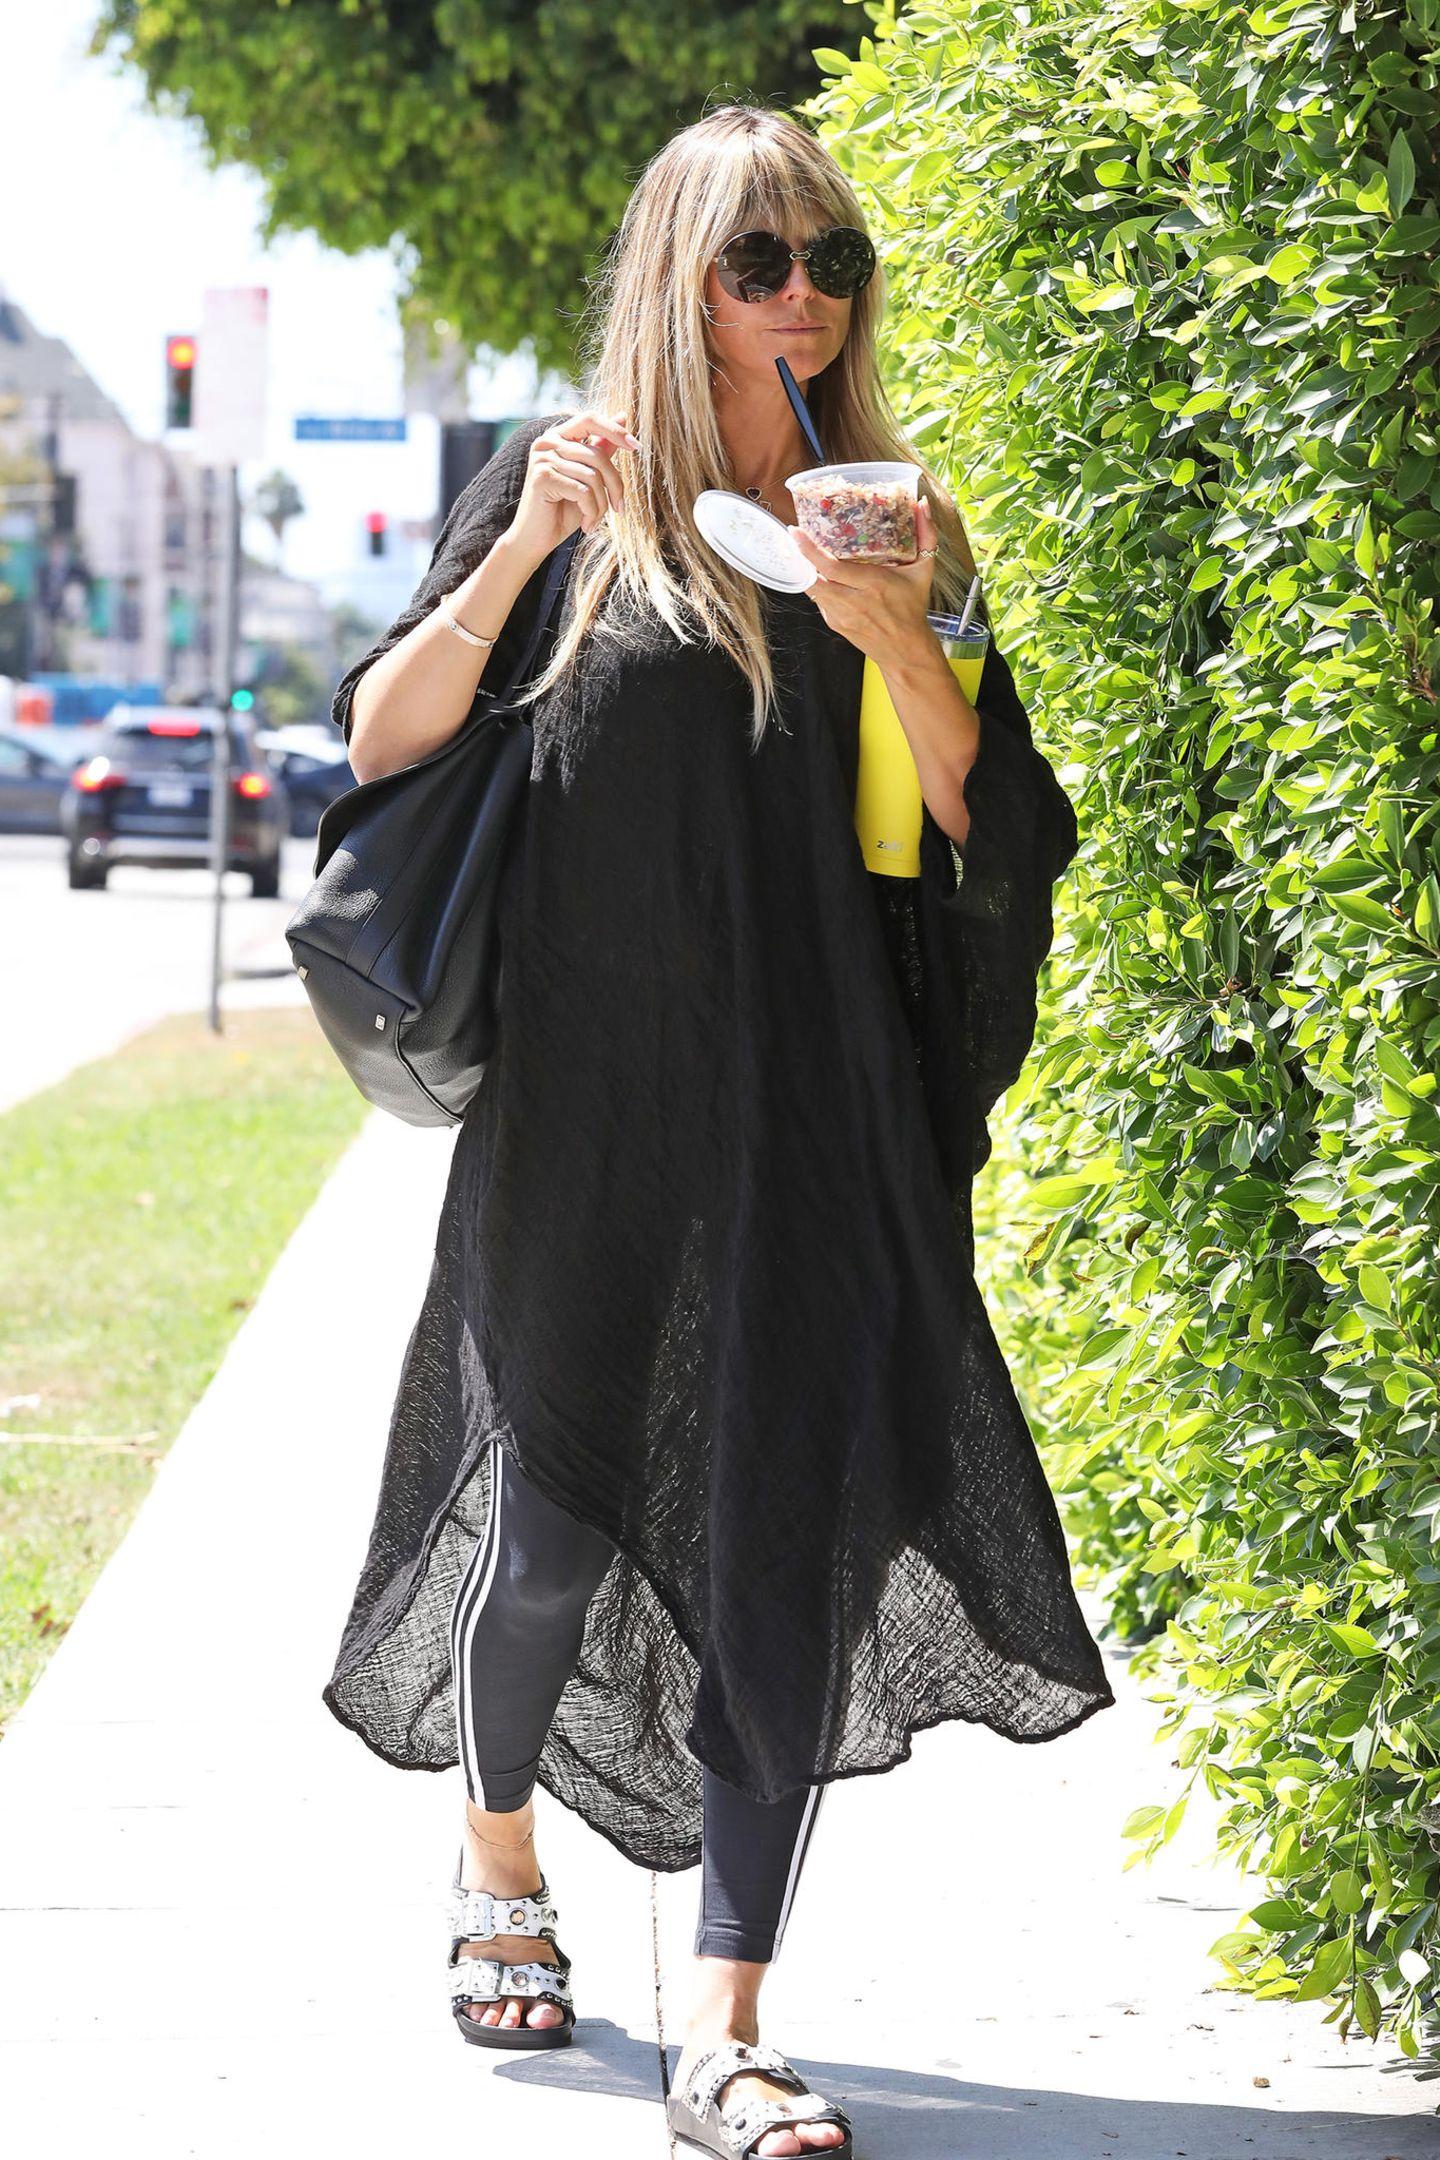 Es sieht nicht nur lässig aus, wie Heidi Klum ihren Couscous-Salat to go isst,auch ihr Outfit versprühteine passende Coolness-Attitude. DenschwarzenKaftan hat das 46-Jährige Topmodel über ihr Sport-Outfit geworfen. BequemeSandalen mit Nieten-Applikationen runden ihren Wohlfühl-Look ab.